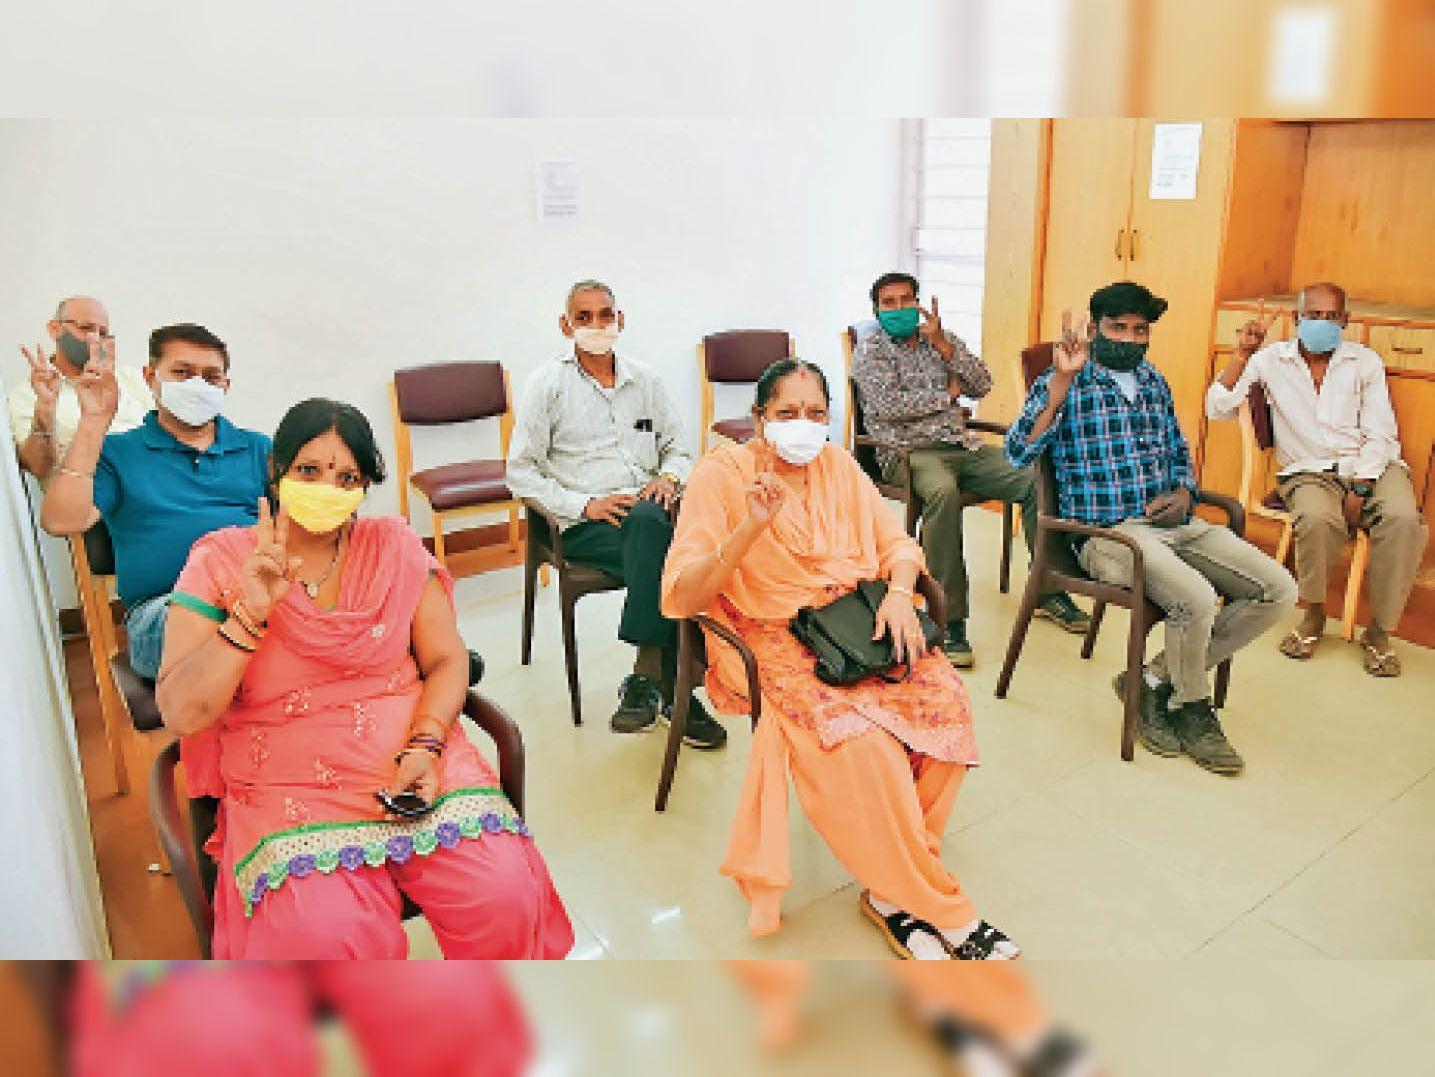 1002 संक्रमित, 6 मौत; लोगों की लापरवाही बढ़ी तो चंडीगढ़ में पॉजिटिविटी दर पहुंची 13.65 फीसदी चंडीगढ़,Chandigarh - Dainik Bhaskar